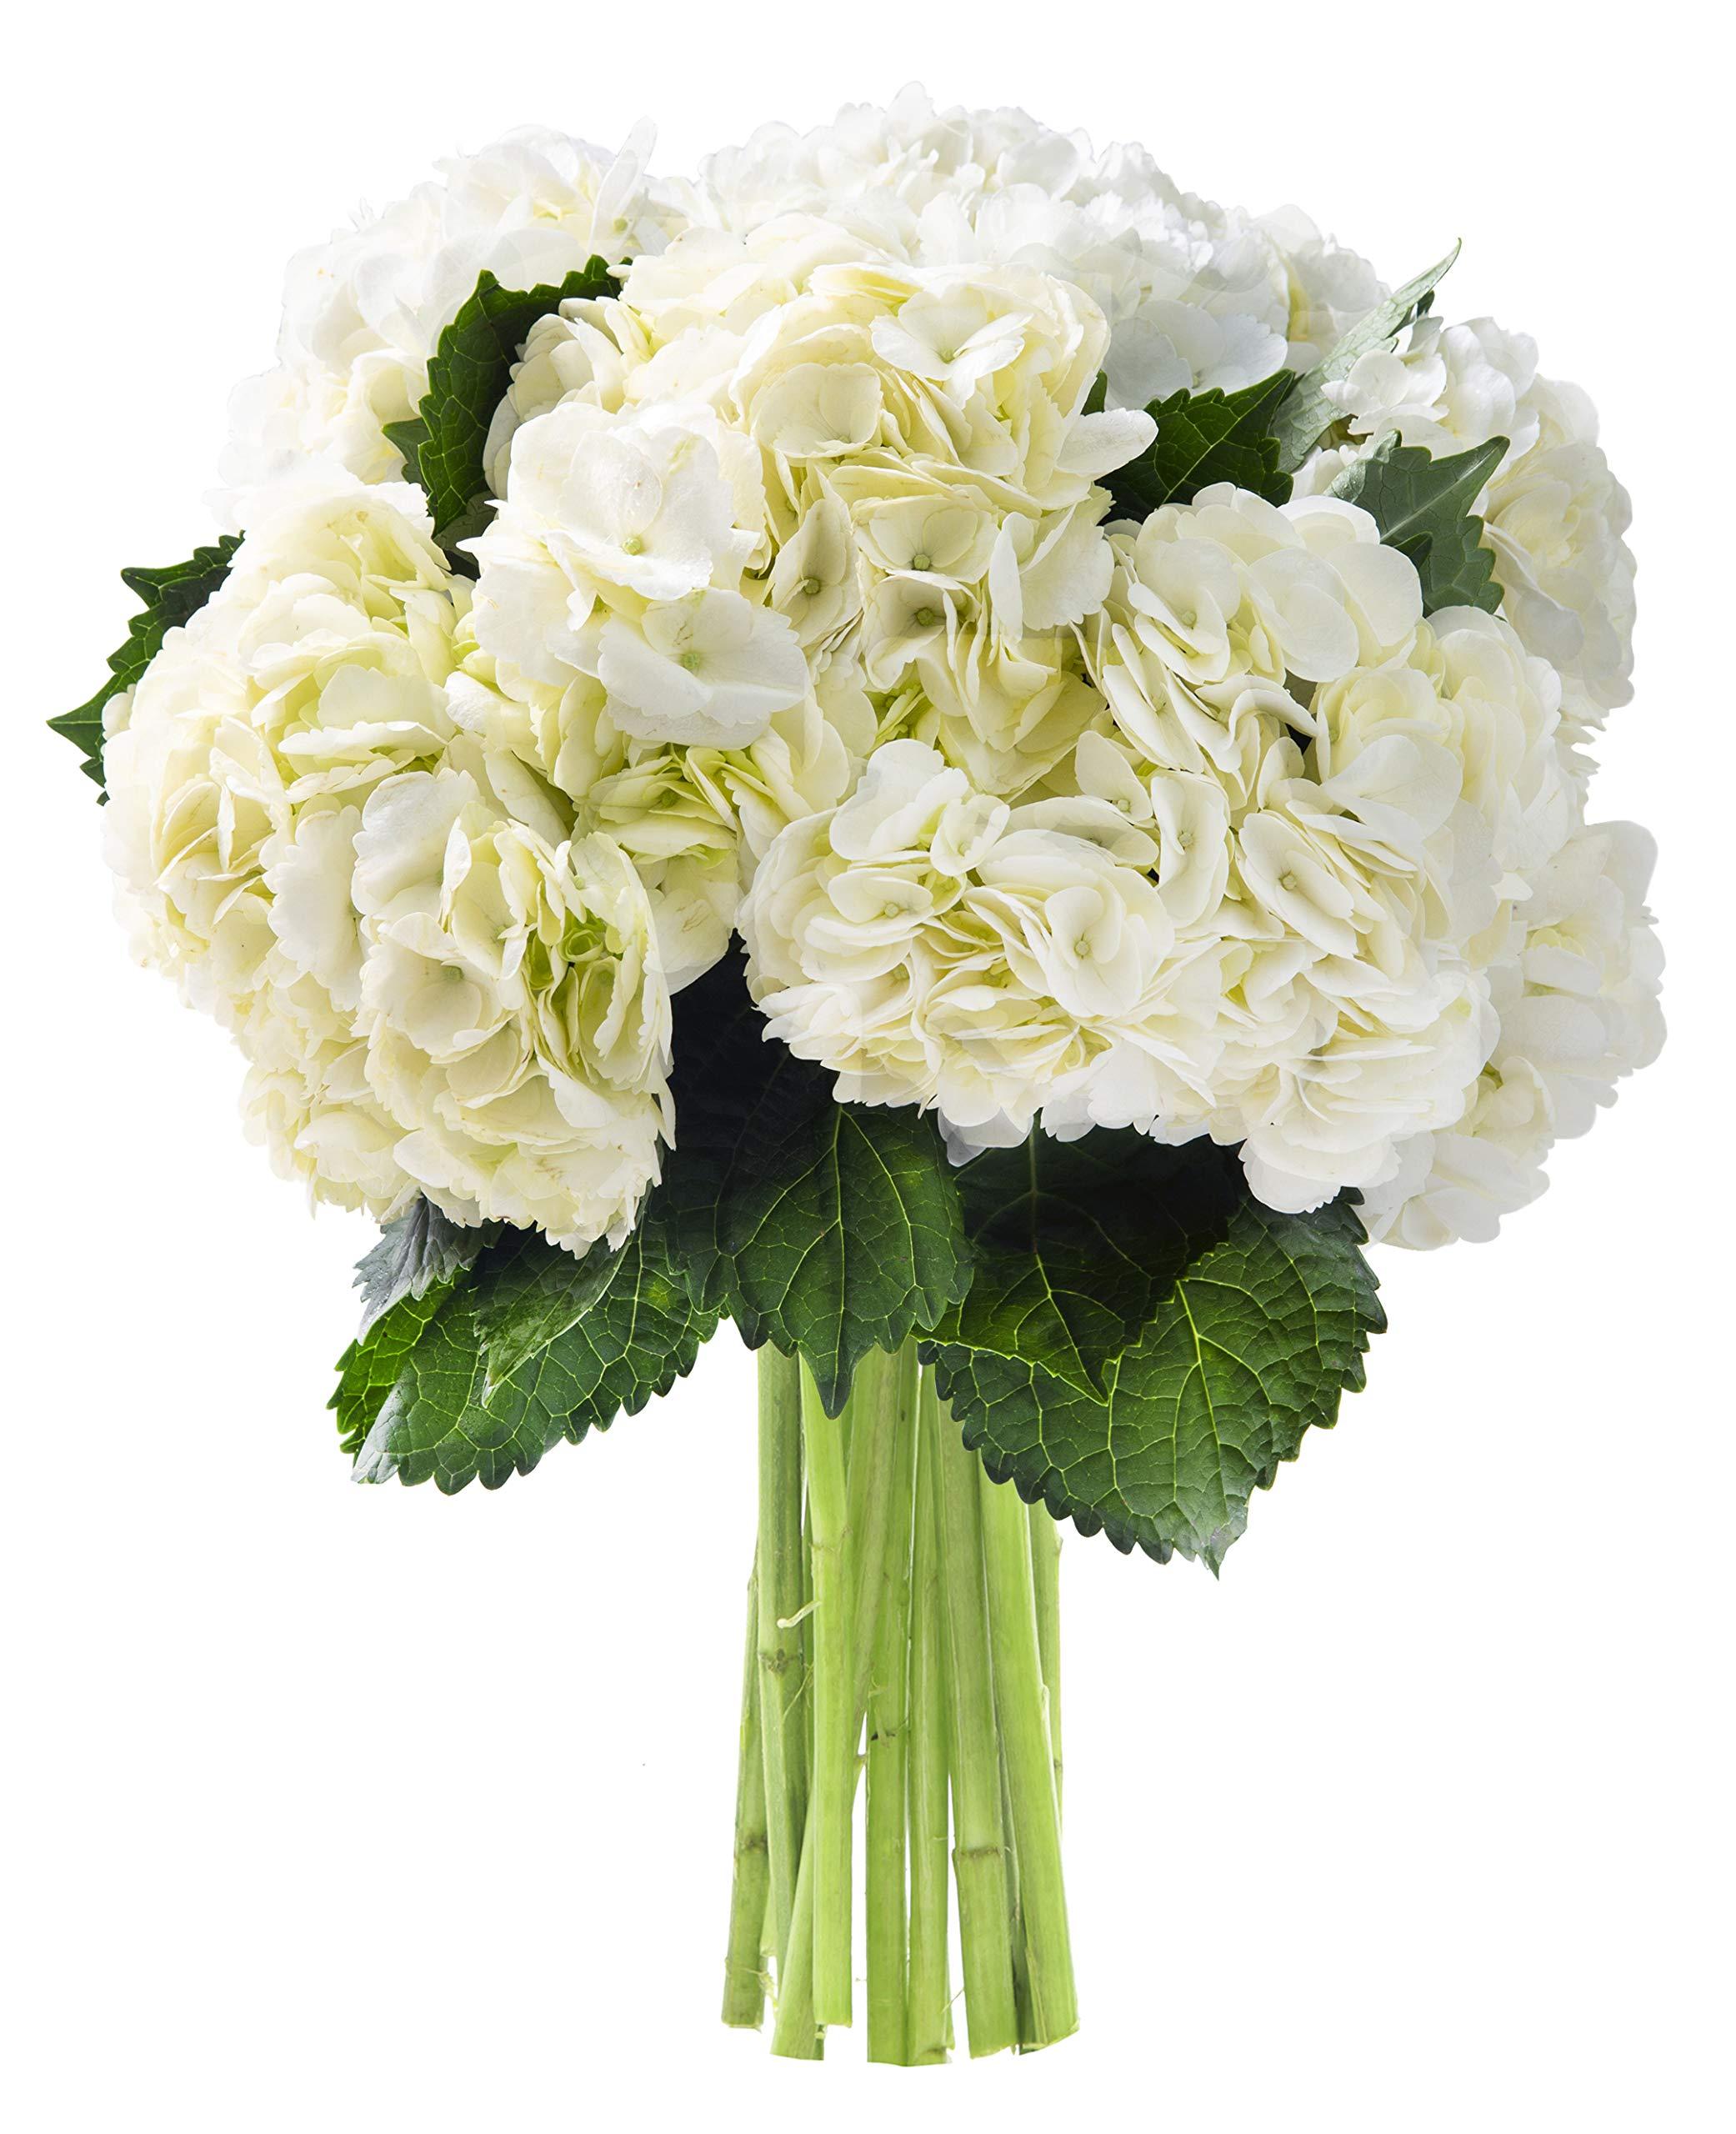 KaBloom Summer Beauty Bouquet of 6 White Hydrangeas